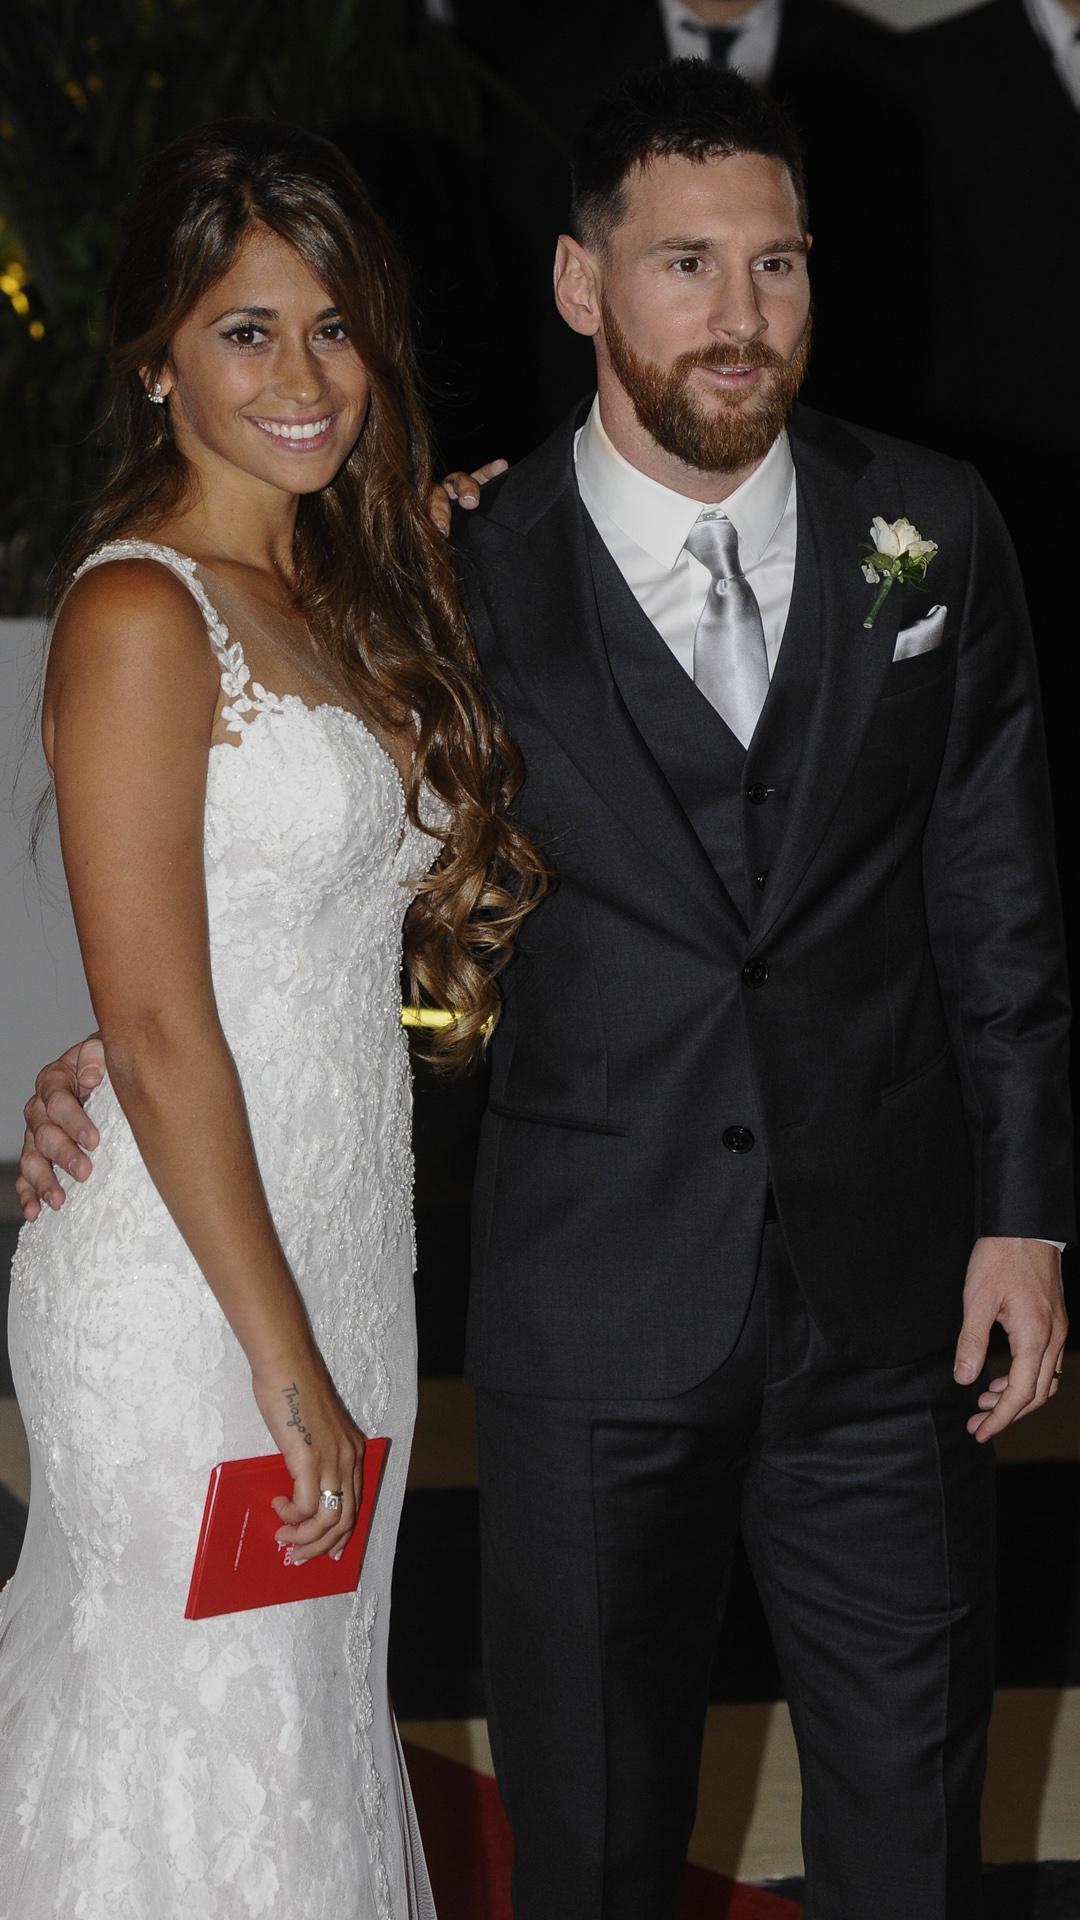 Las primeras imágenes de la pareja con sus alianzas (Martín Villar)